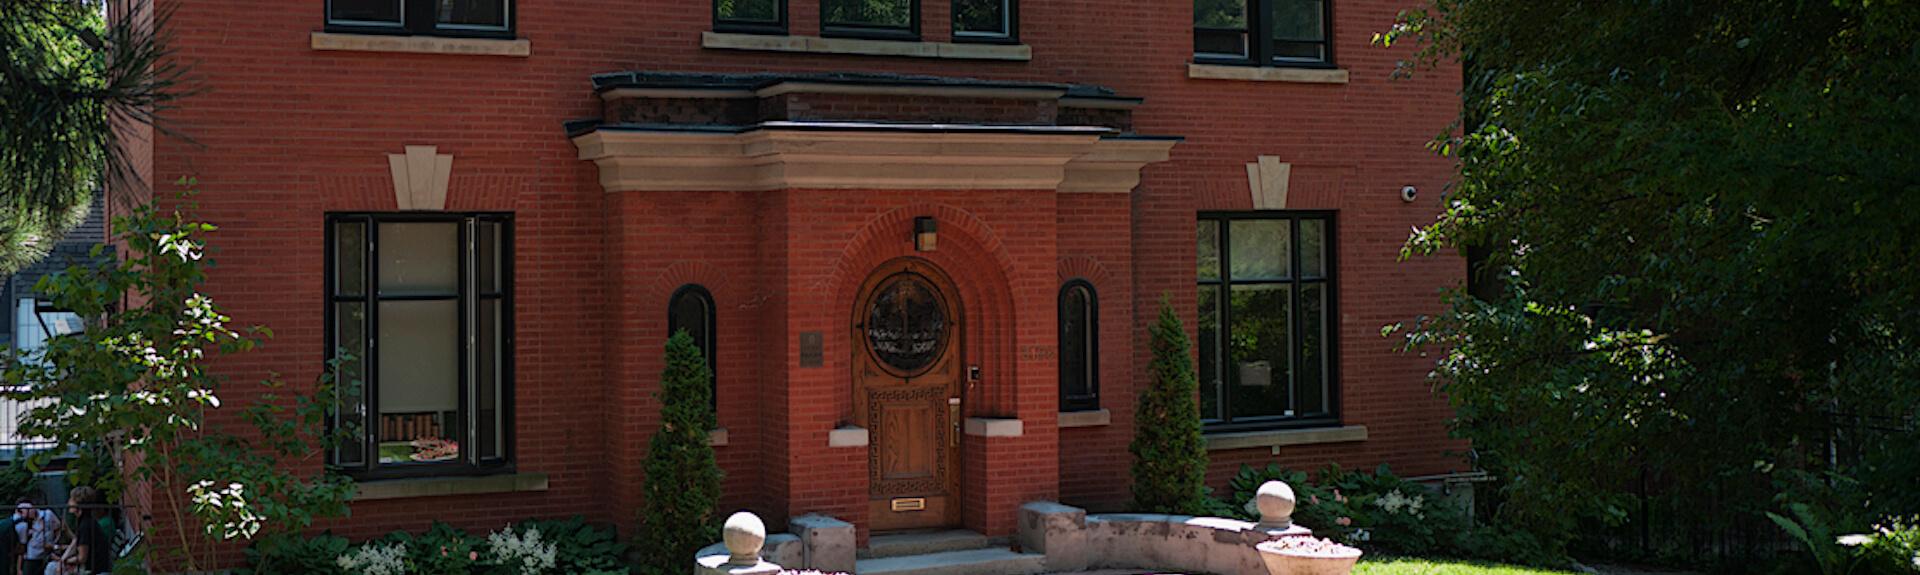 Vue partielle de la façade de l'école Priory School, Montréal, Québec